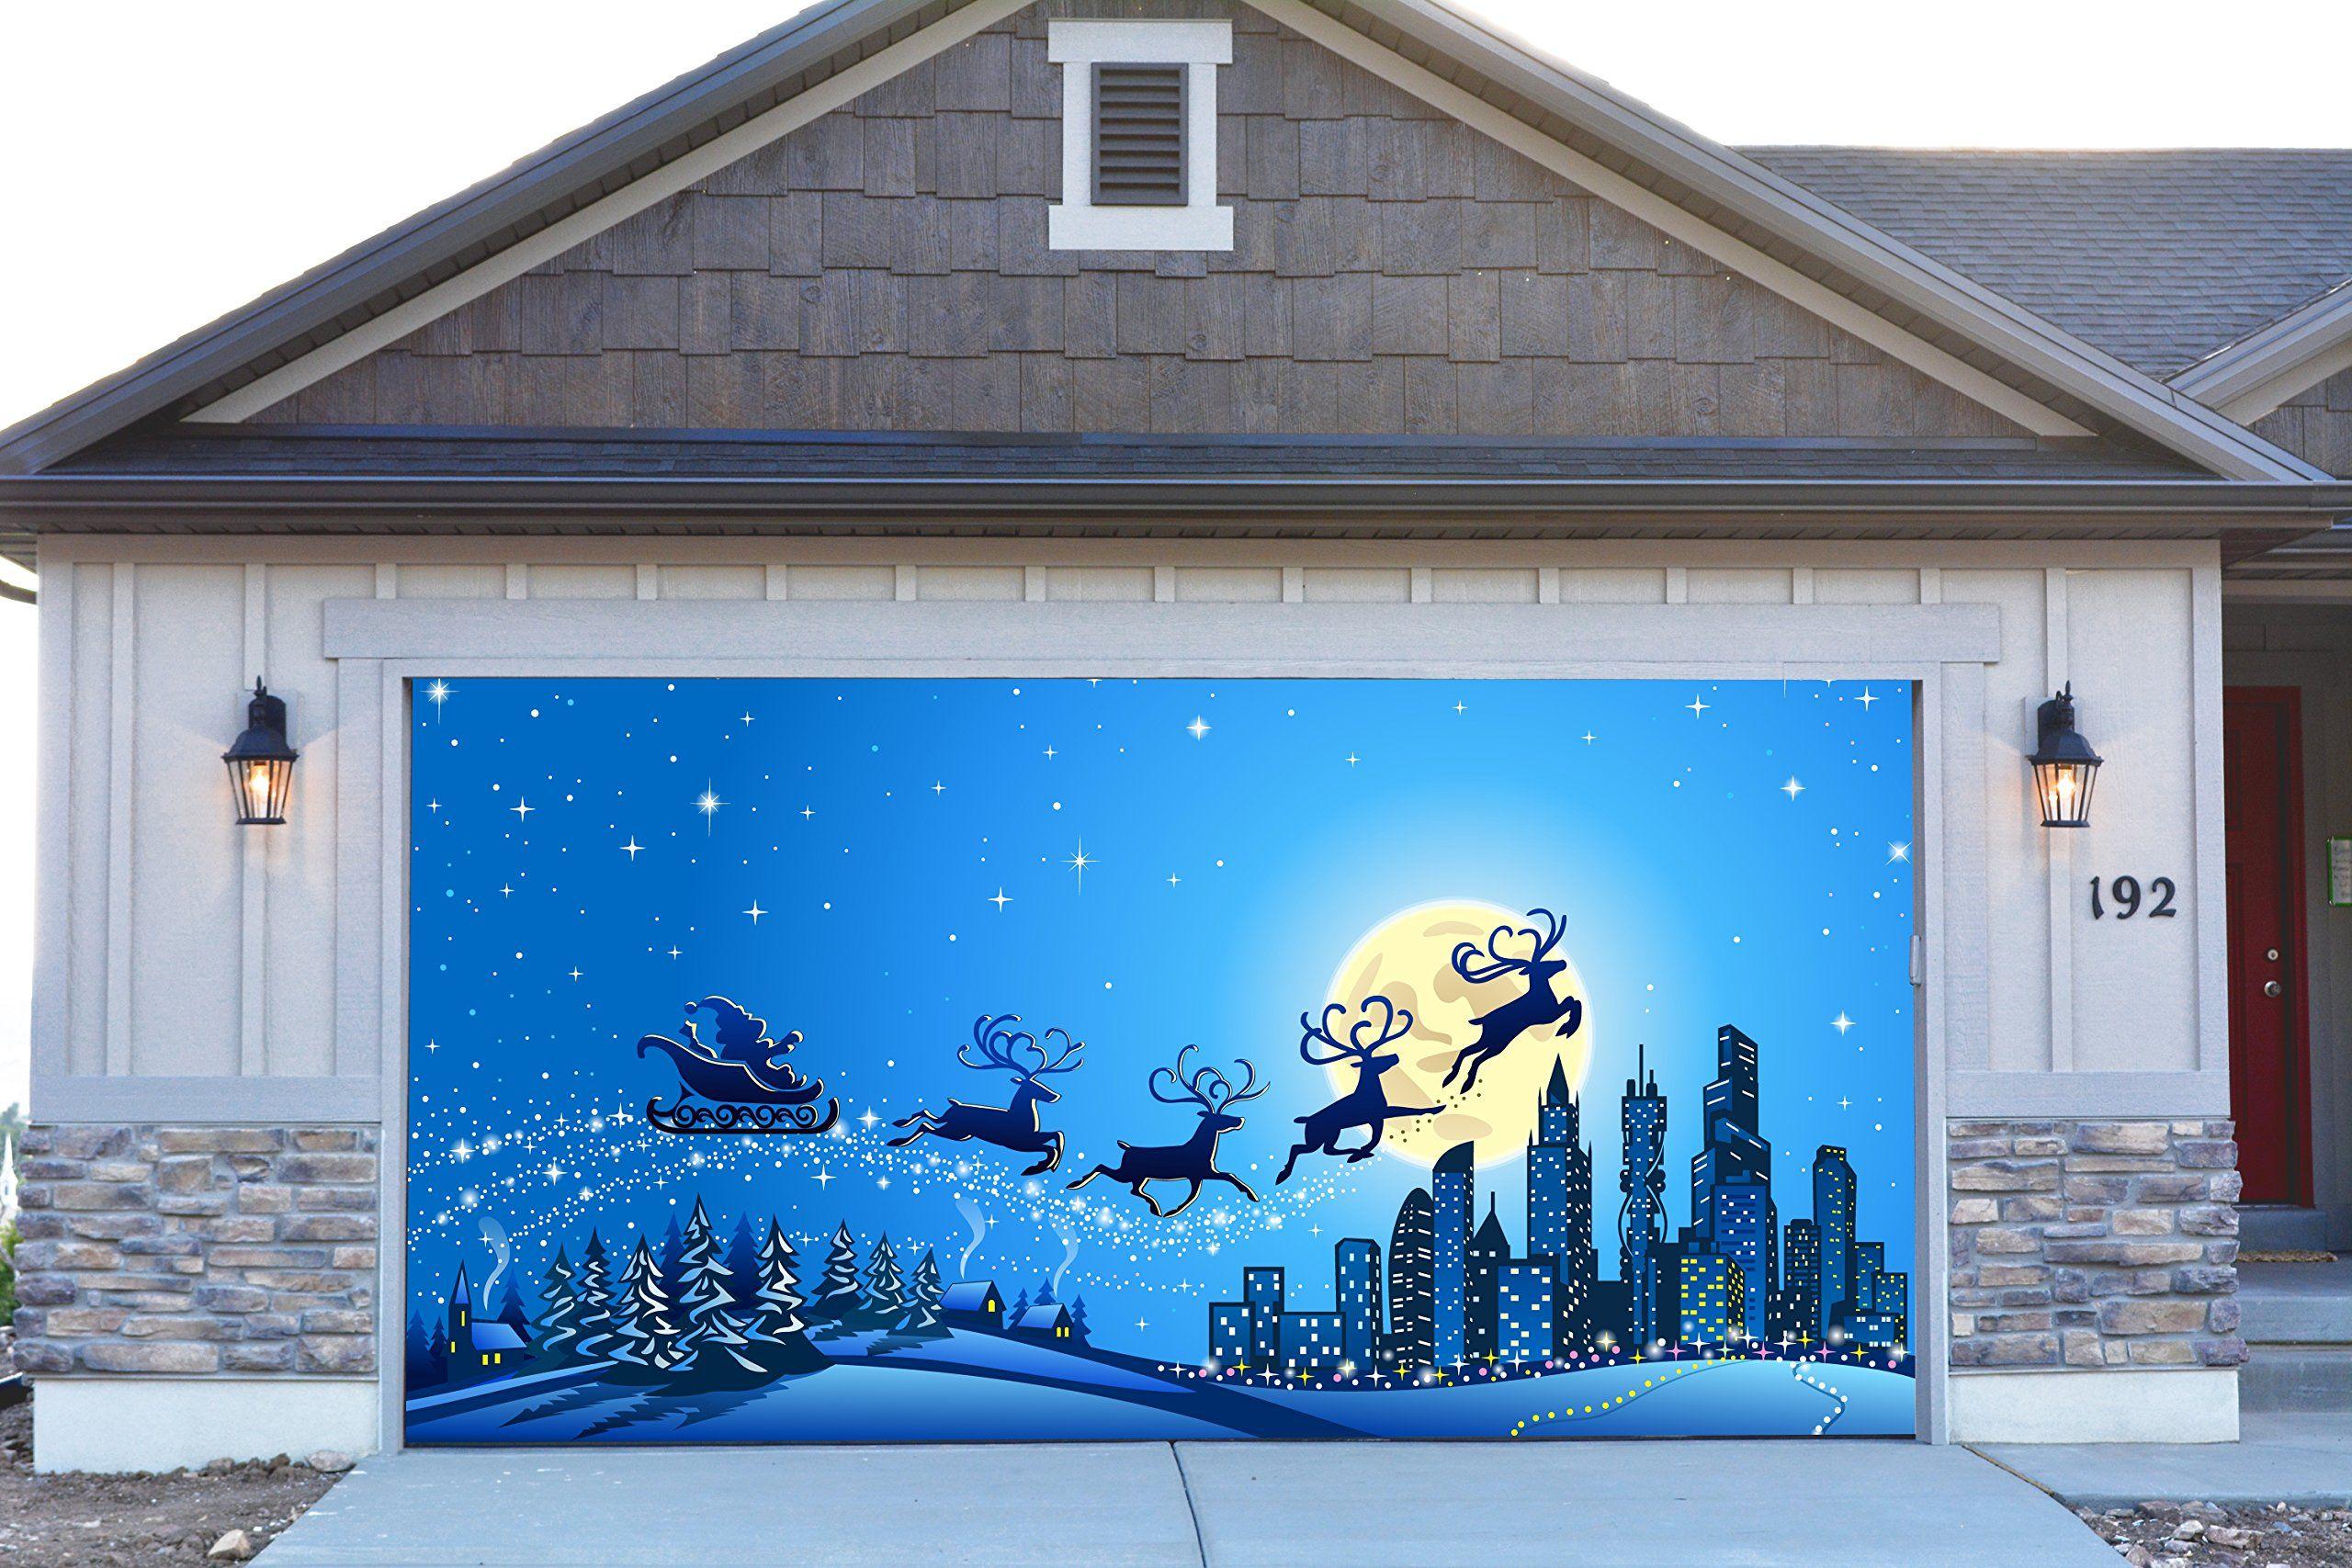 murals door garage decorations banners outdoor clock time pin billboard christmas covers